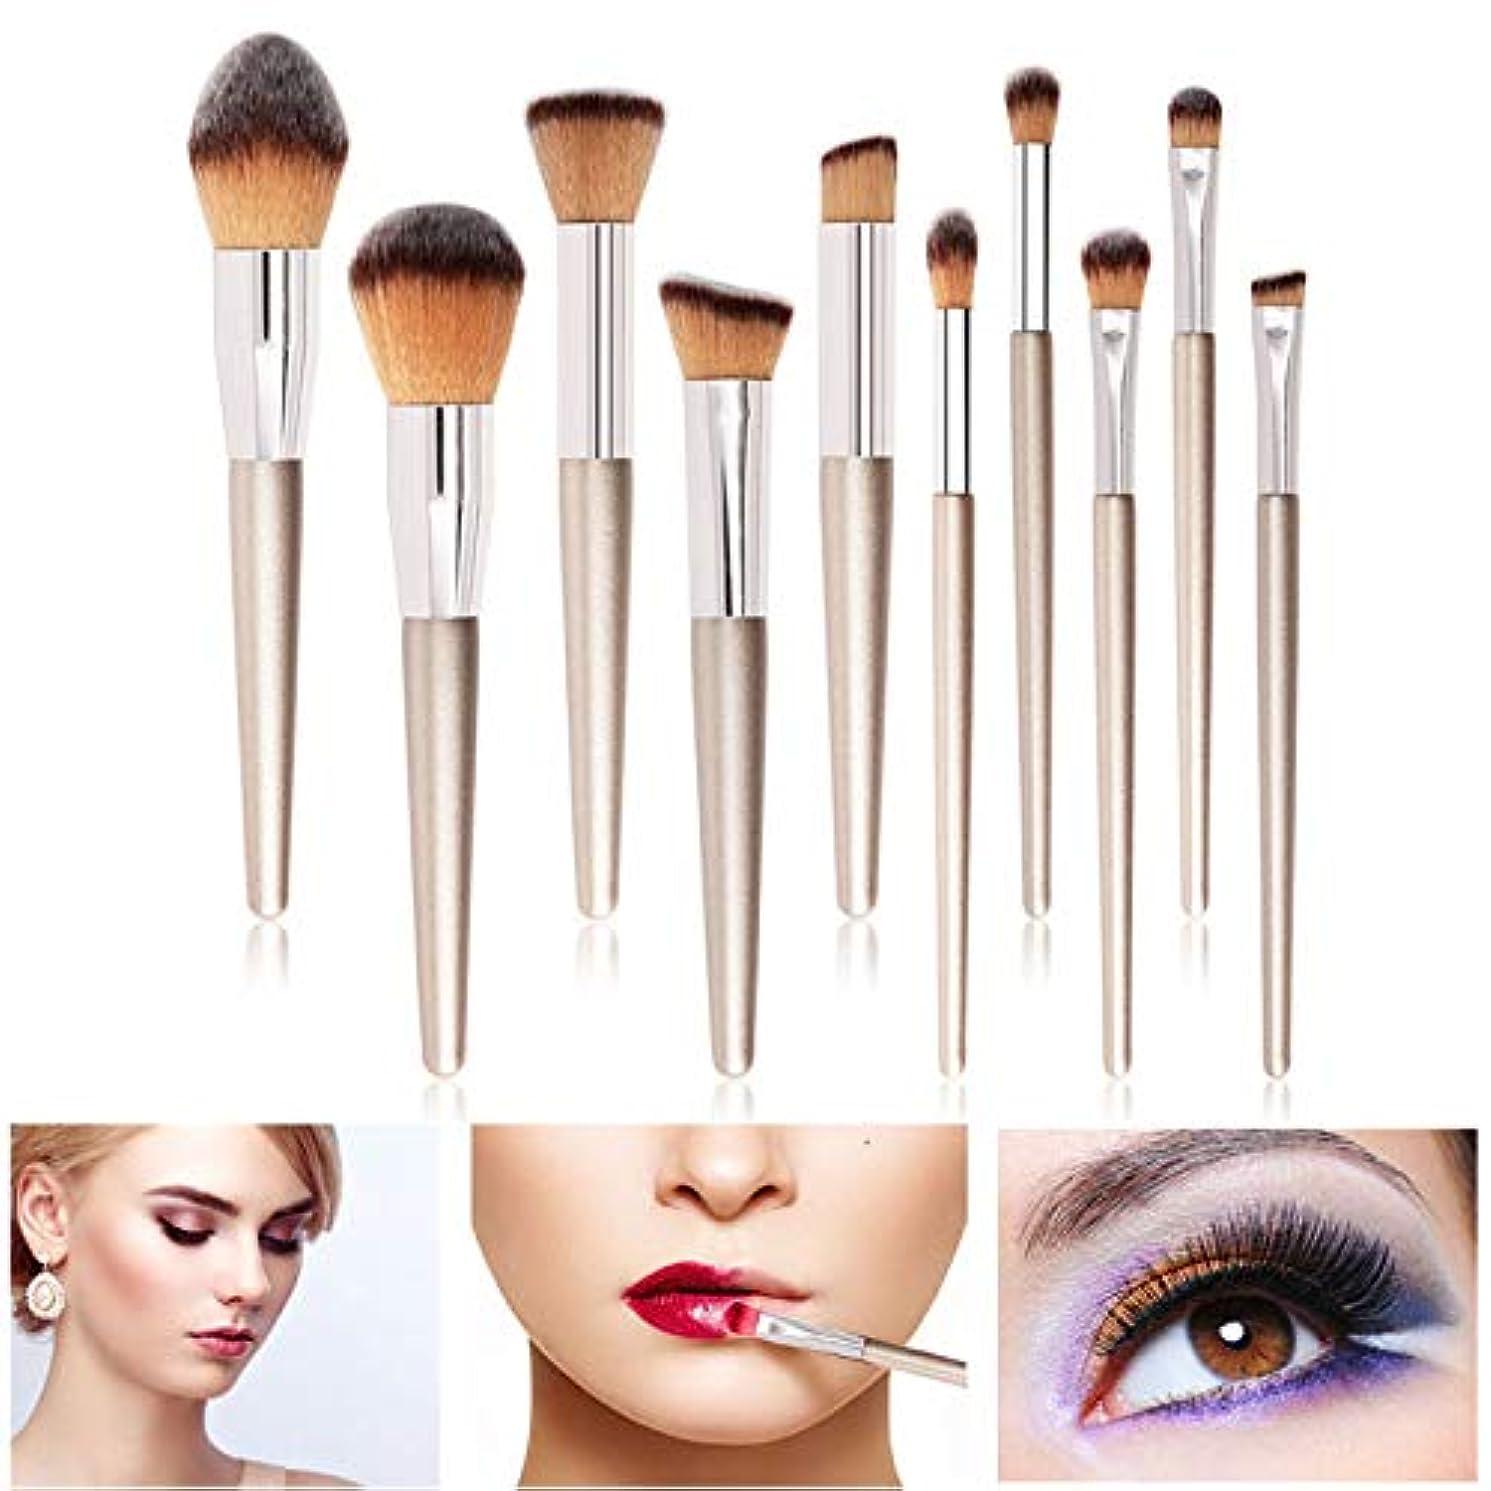 妖精香港融合Symboat 10本化粧ブラシソフトアイシャドウファンデーションブラッシュポータブル美容ツール用女性